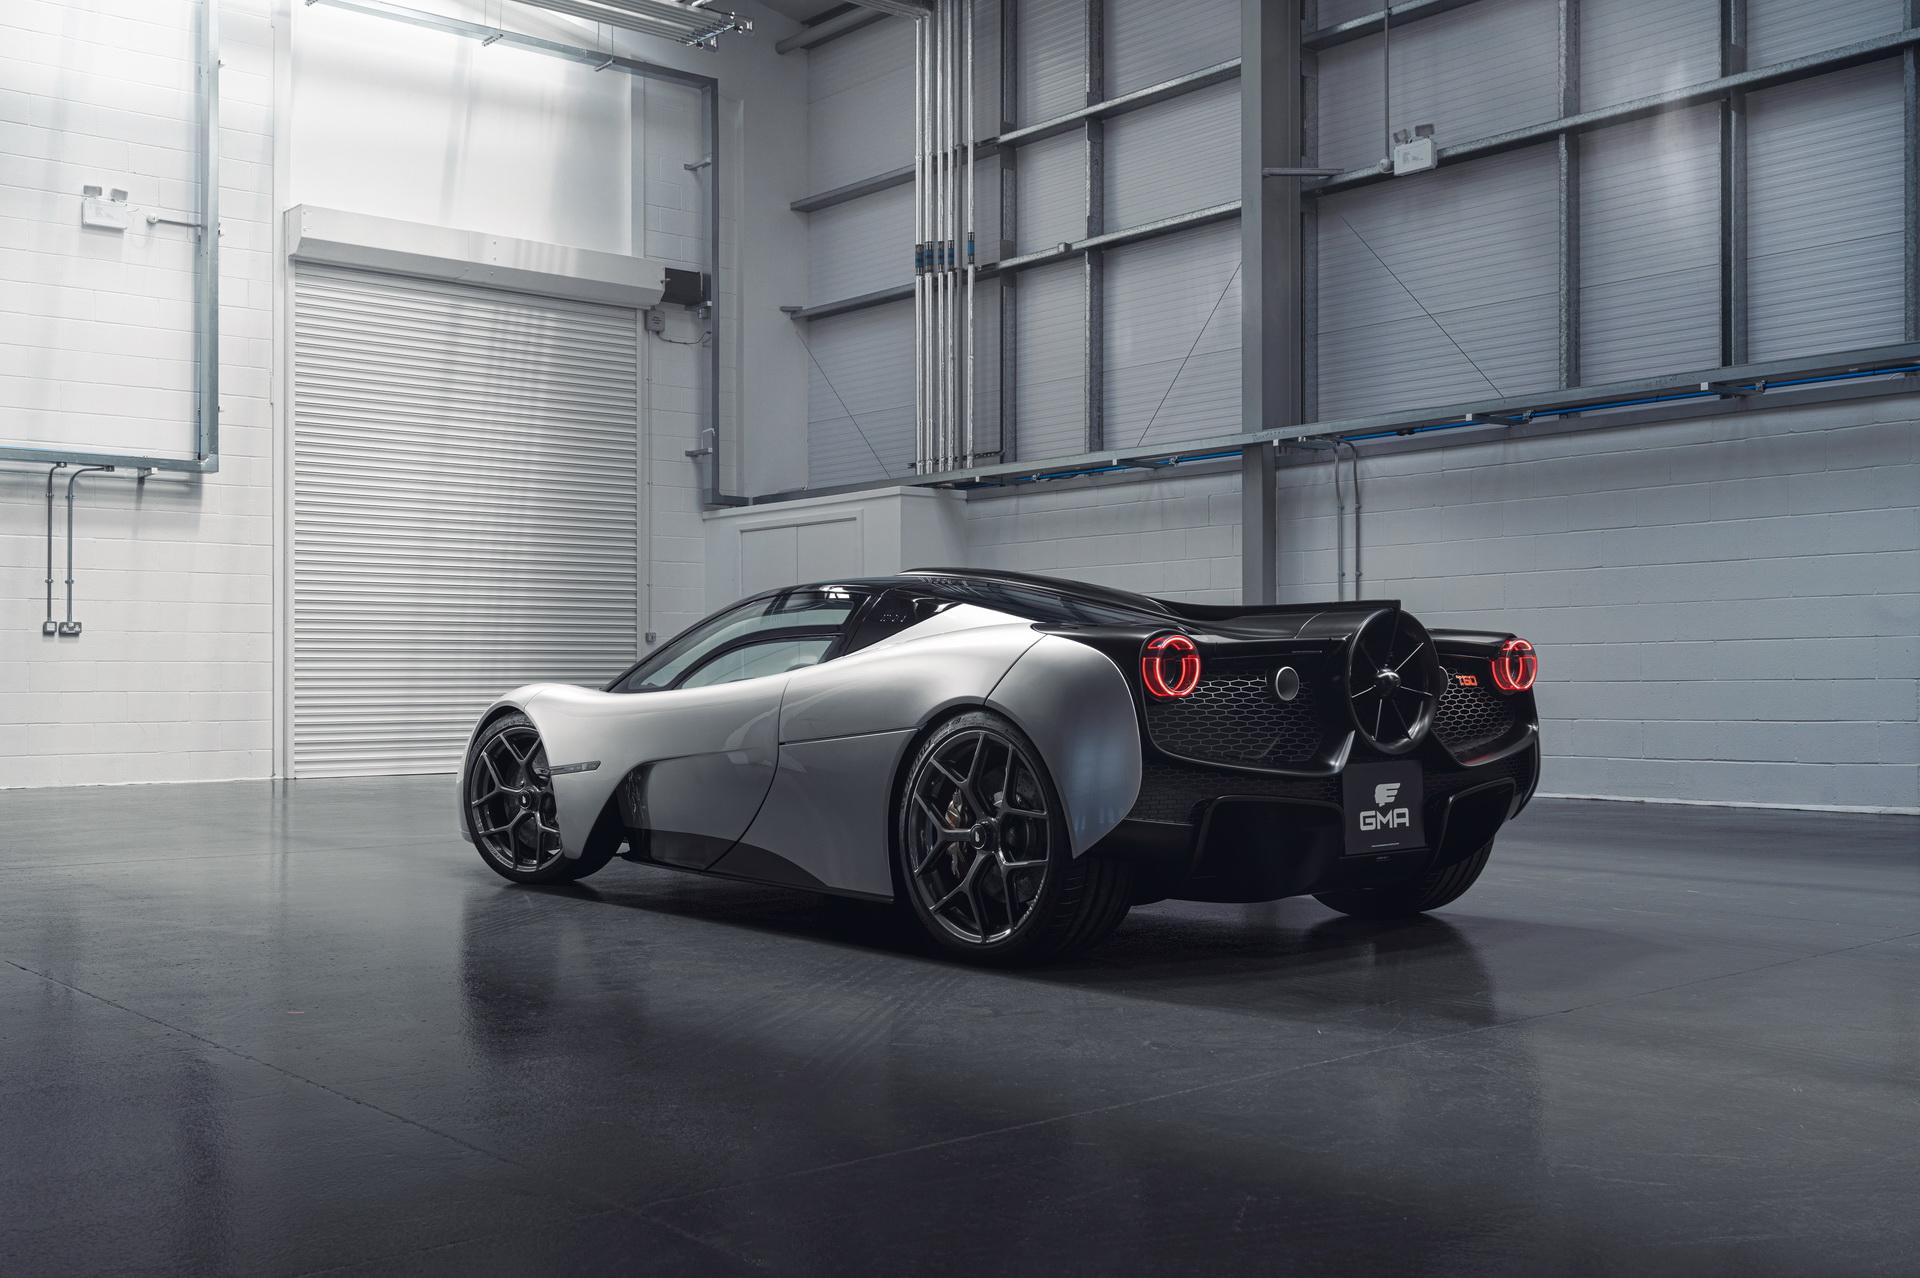 Британцы представили сногсшибательный суперкар с пропеллером сзади